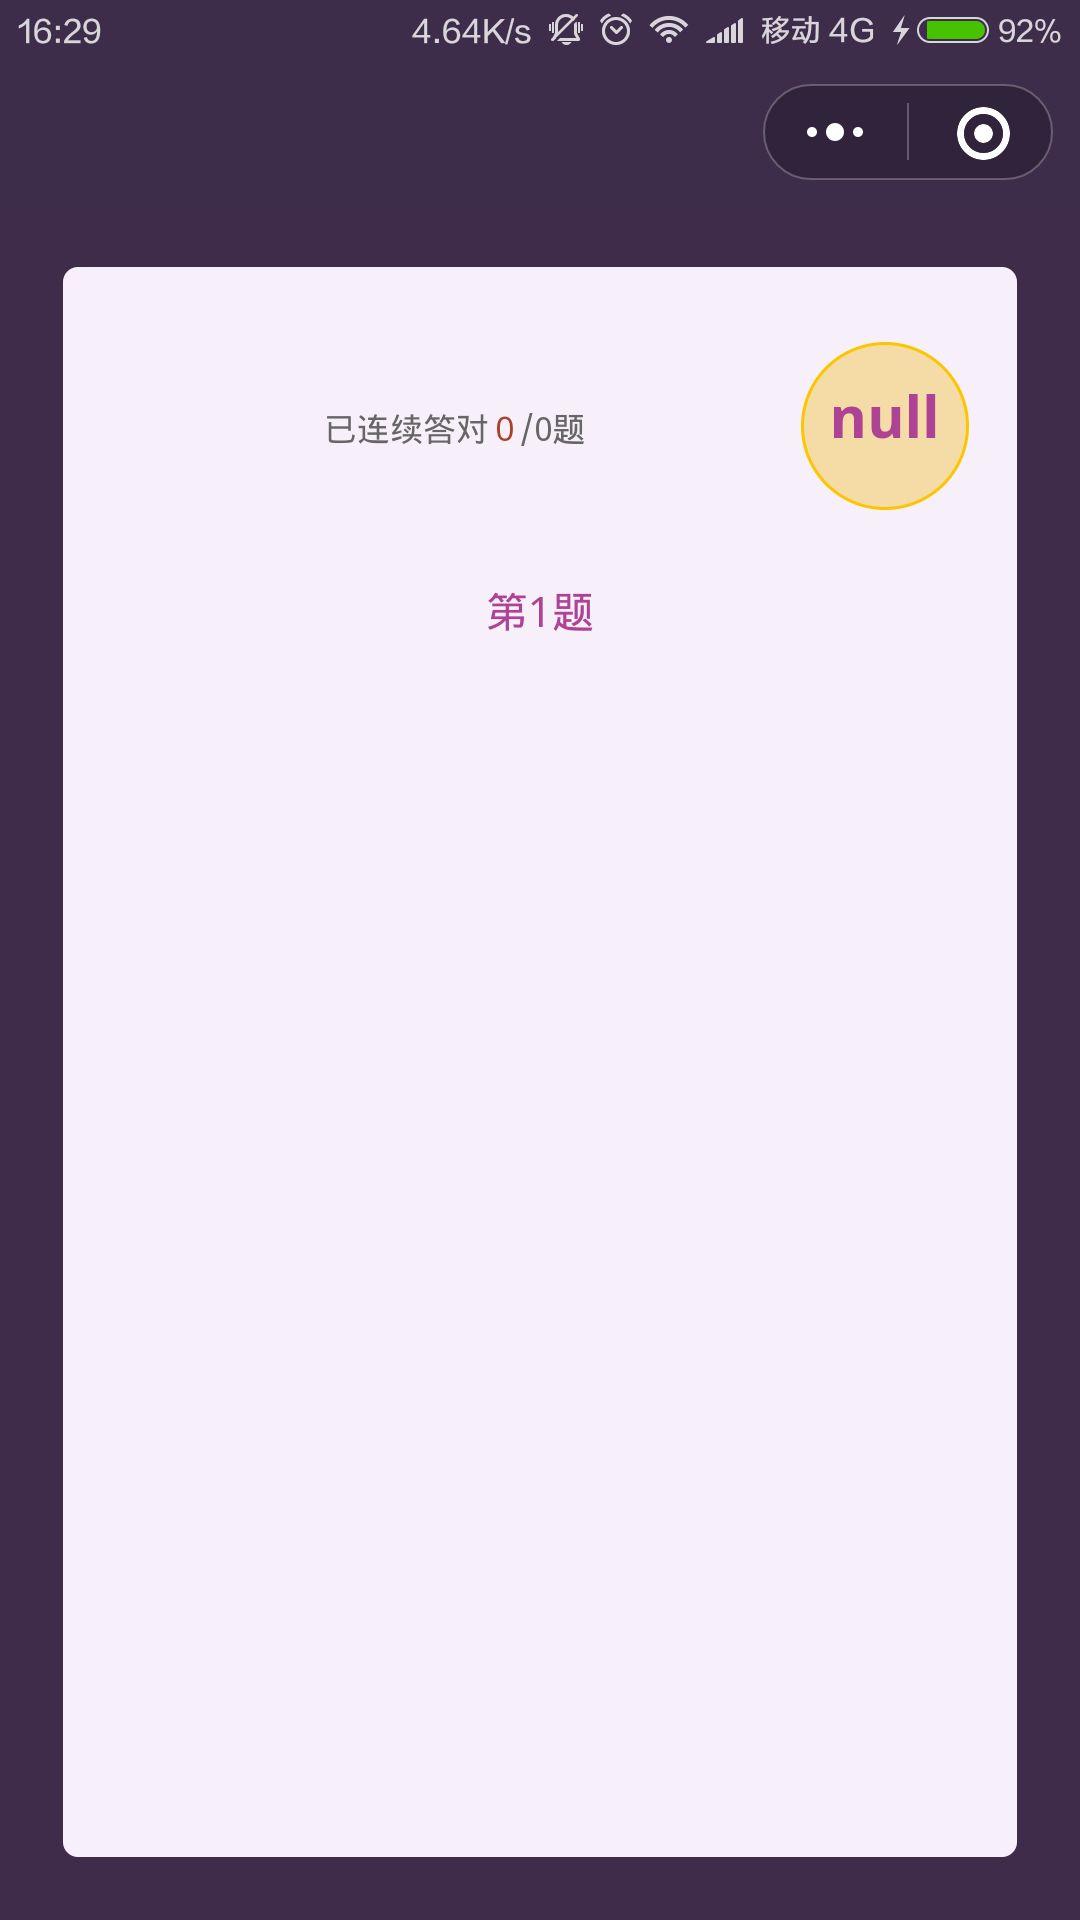 qq开心荣耀小程序全部答案分享最新地址图1: